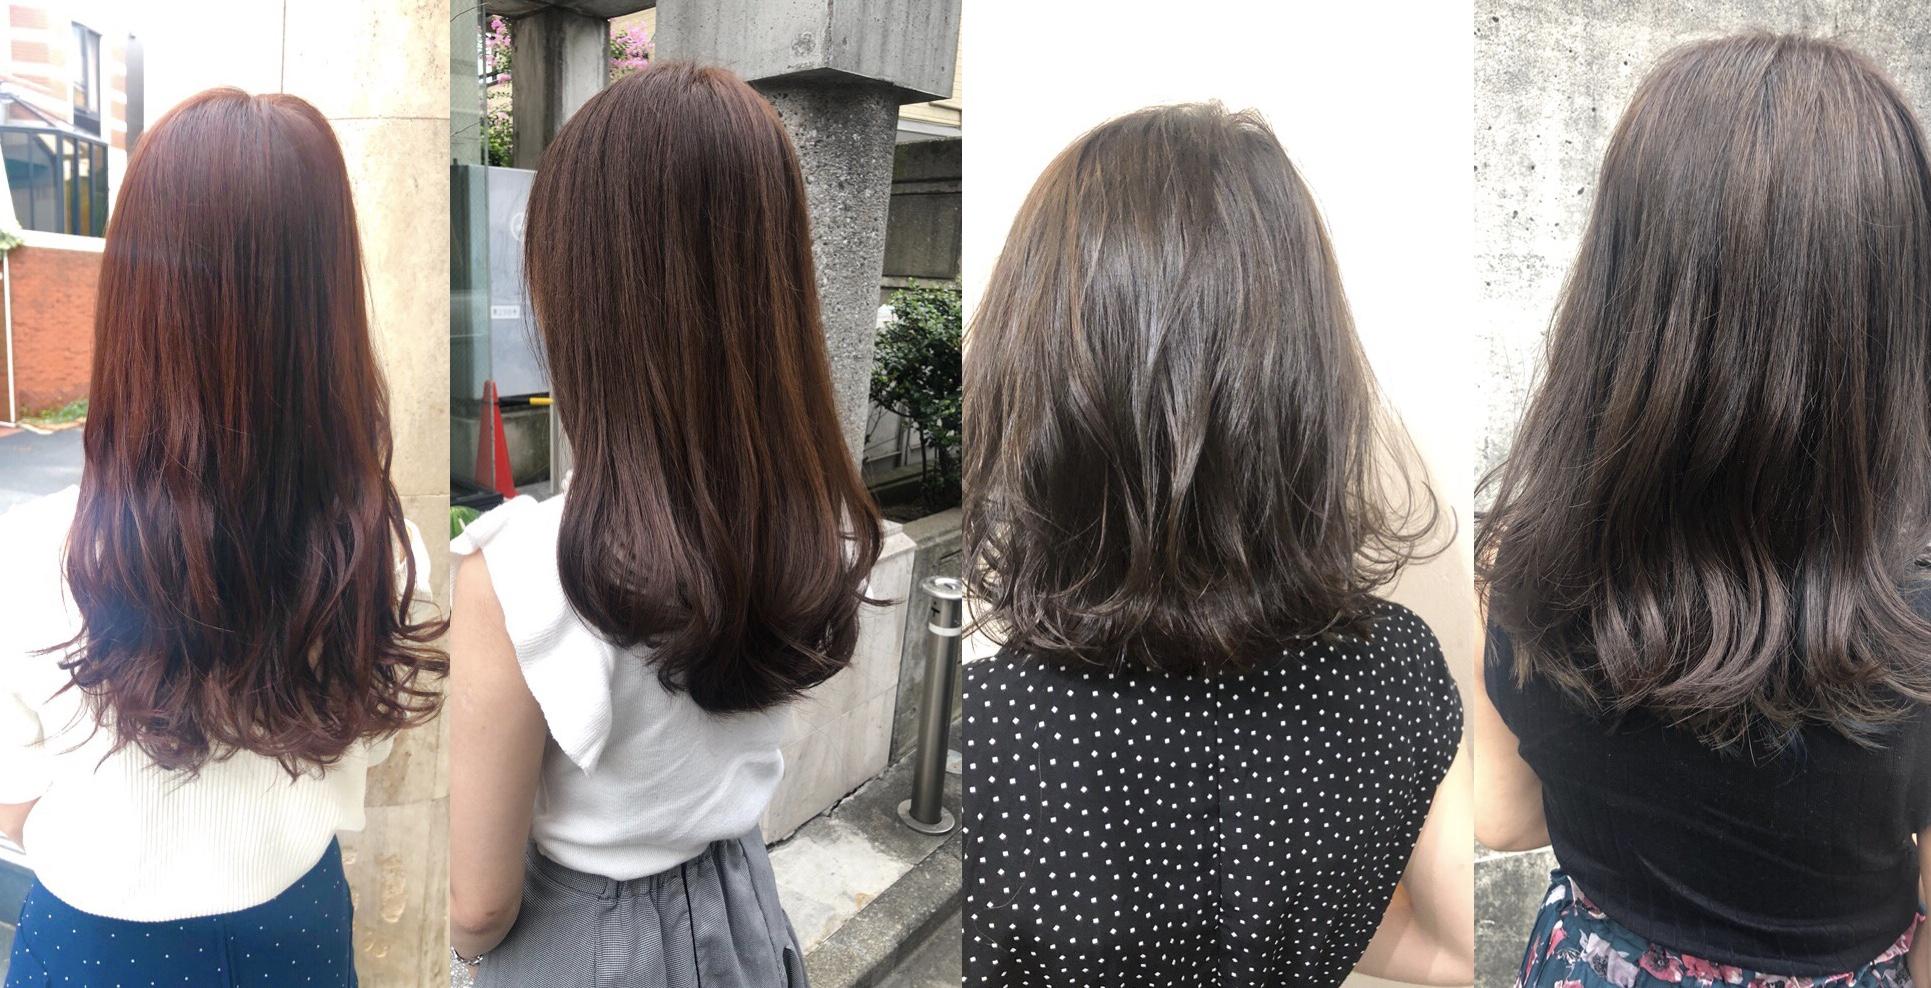 毛先だけすぐに色が抜ける..色落ちに悩む方に知ってもらいたいポイント。